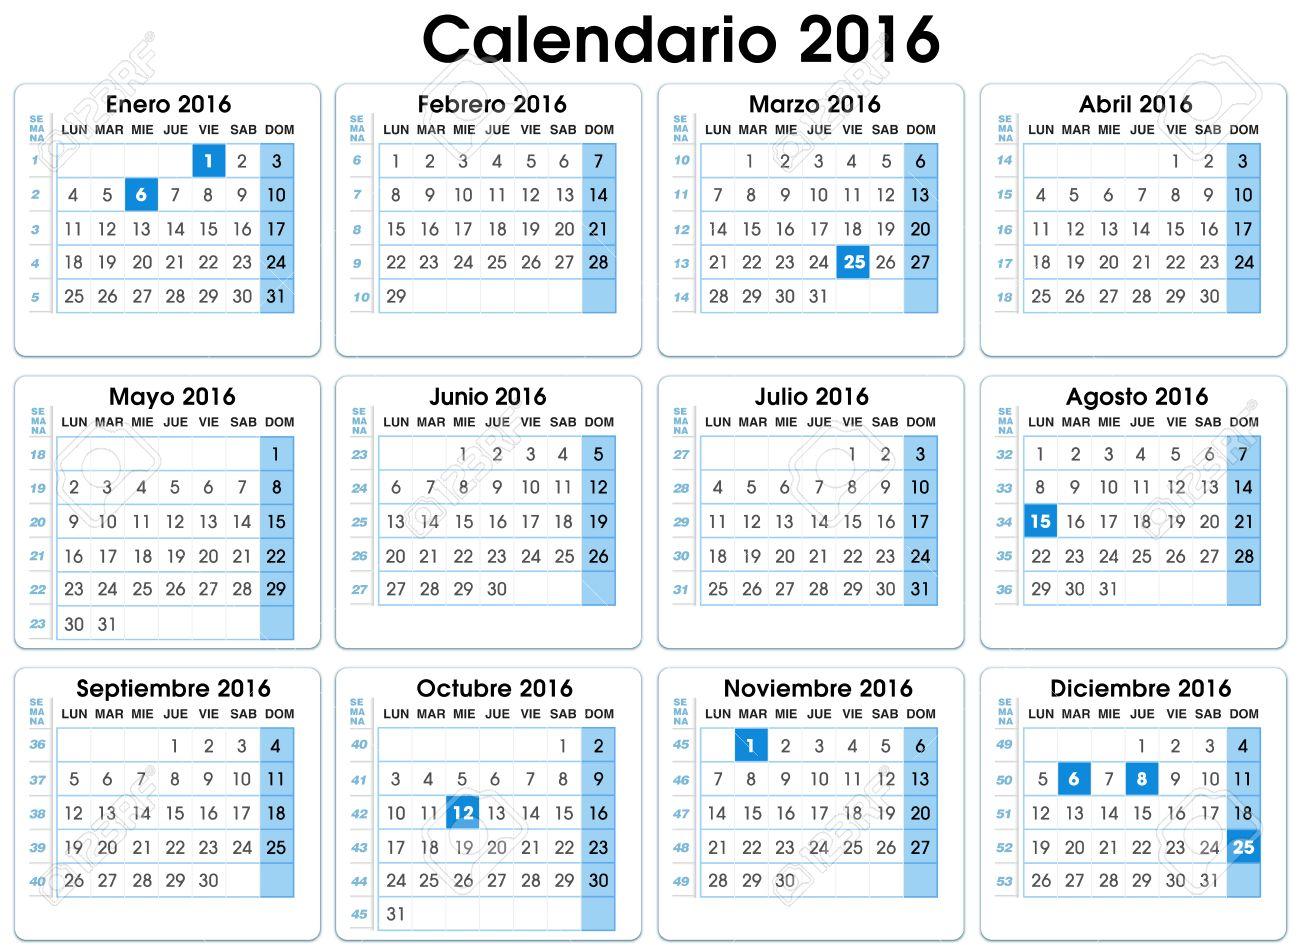 Calendario De Semanas.Calendario Vertical 2016 Espanola 12 Meses Indicando Numero De Semanas Calendario 2016 Espanola Con Semana Y Fiestas